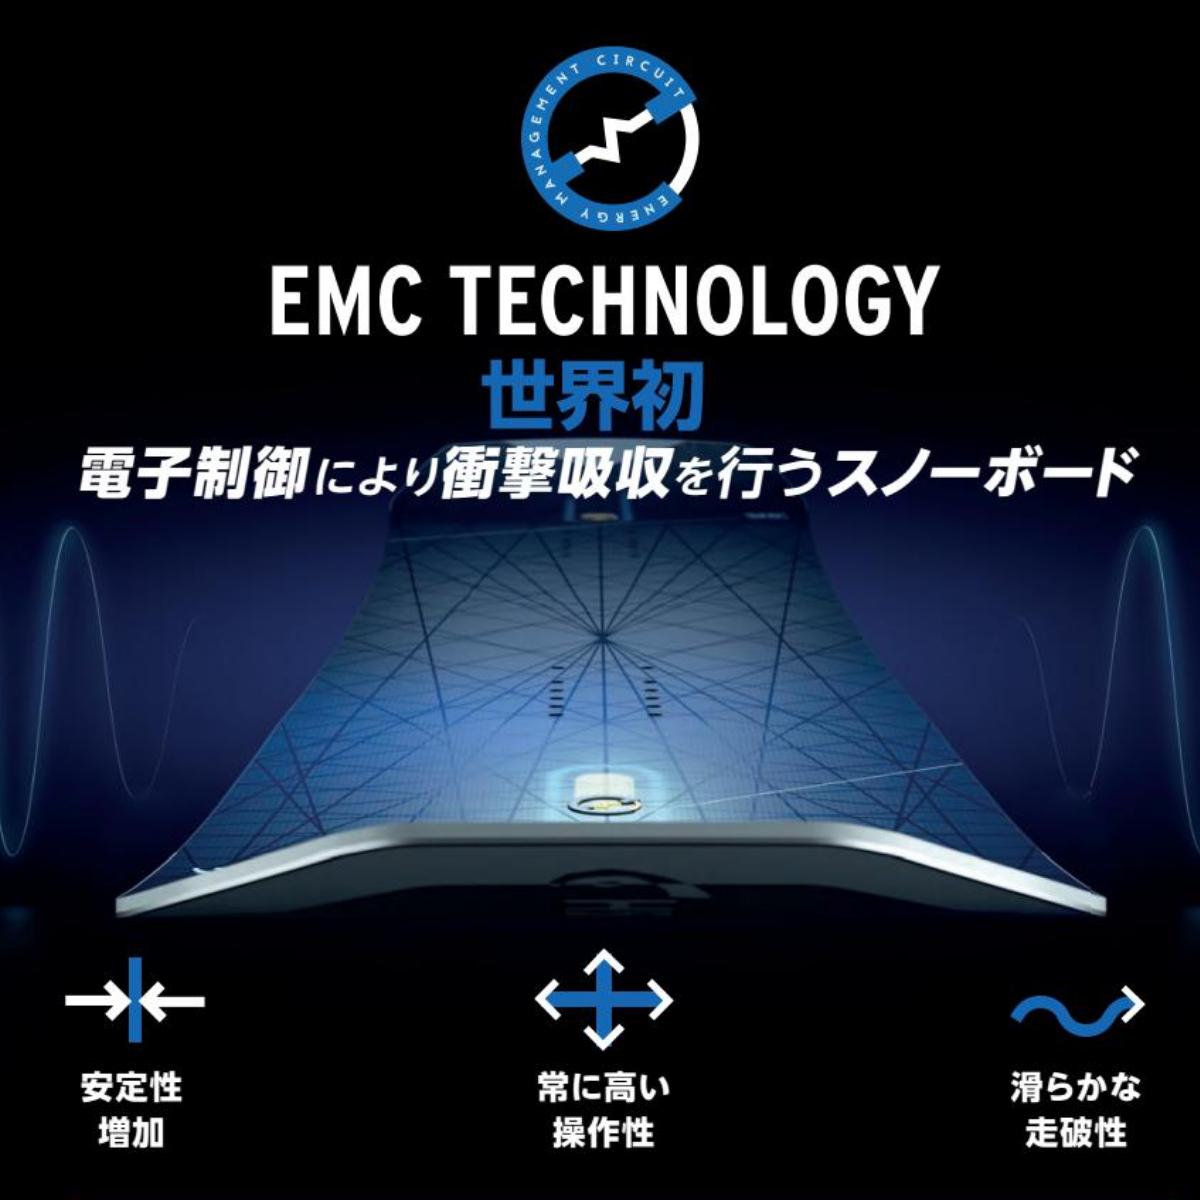 【21-22Newモデル情報】<br>「操作性がとにかくいい!」と話題のEMC搭載モデル